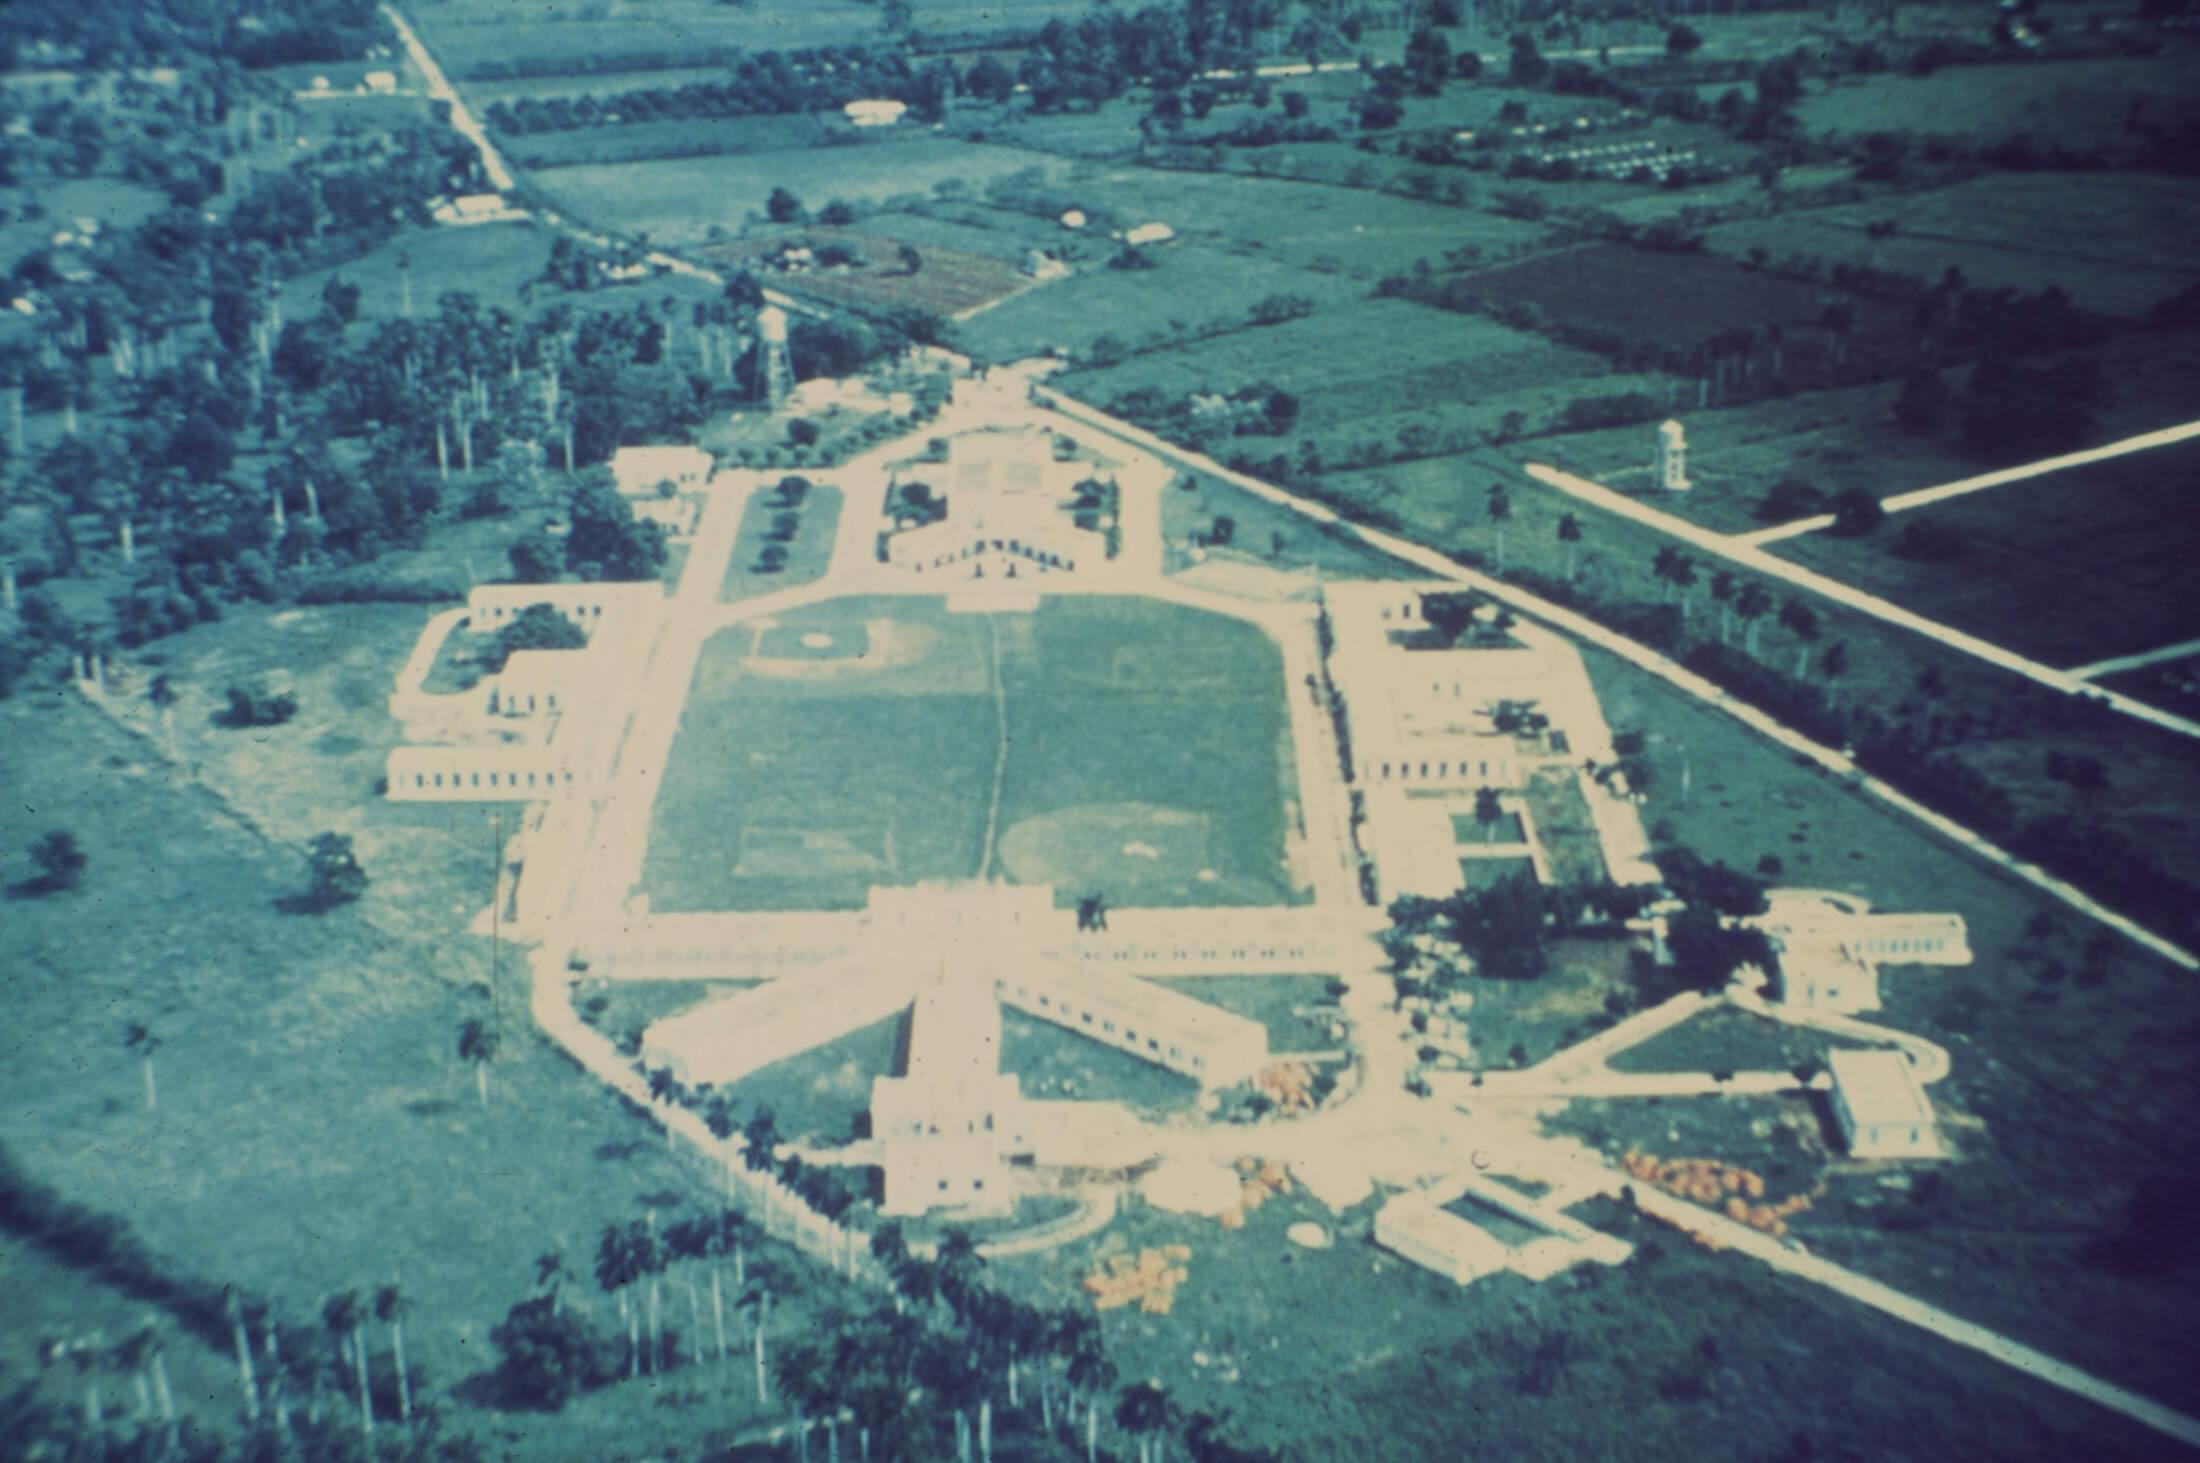 Вид с воздуха на колонию для несовершеннолетних Торренс, около 1955 года.